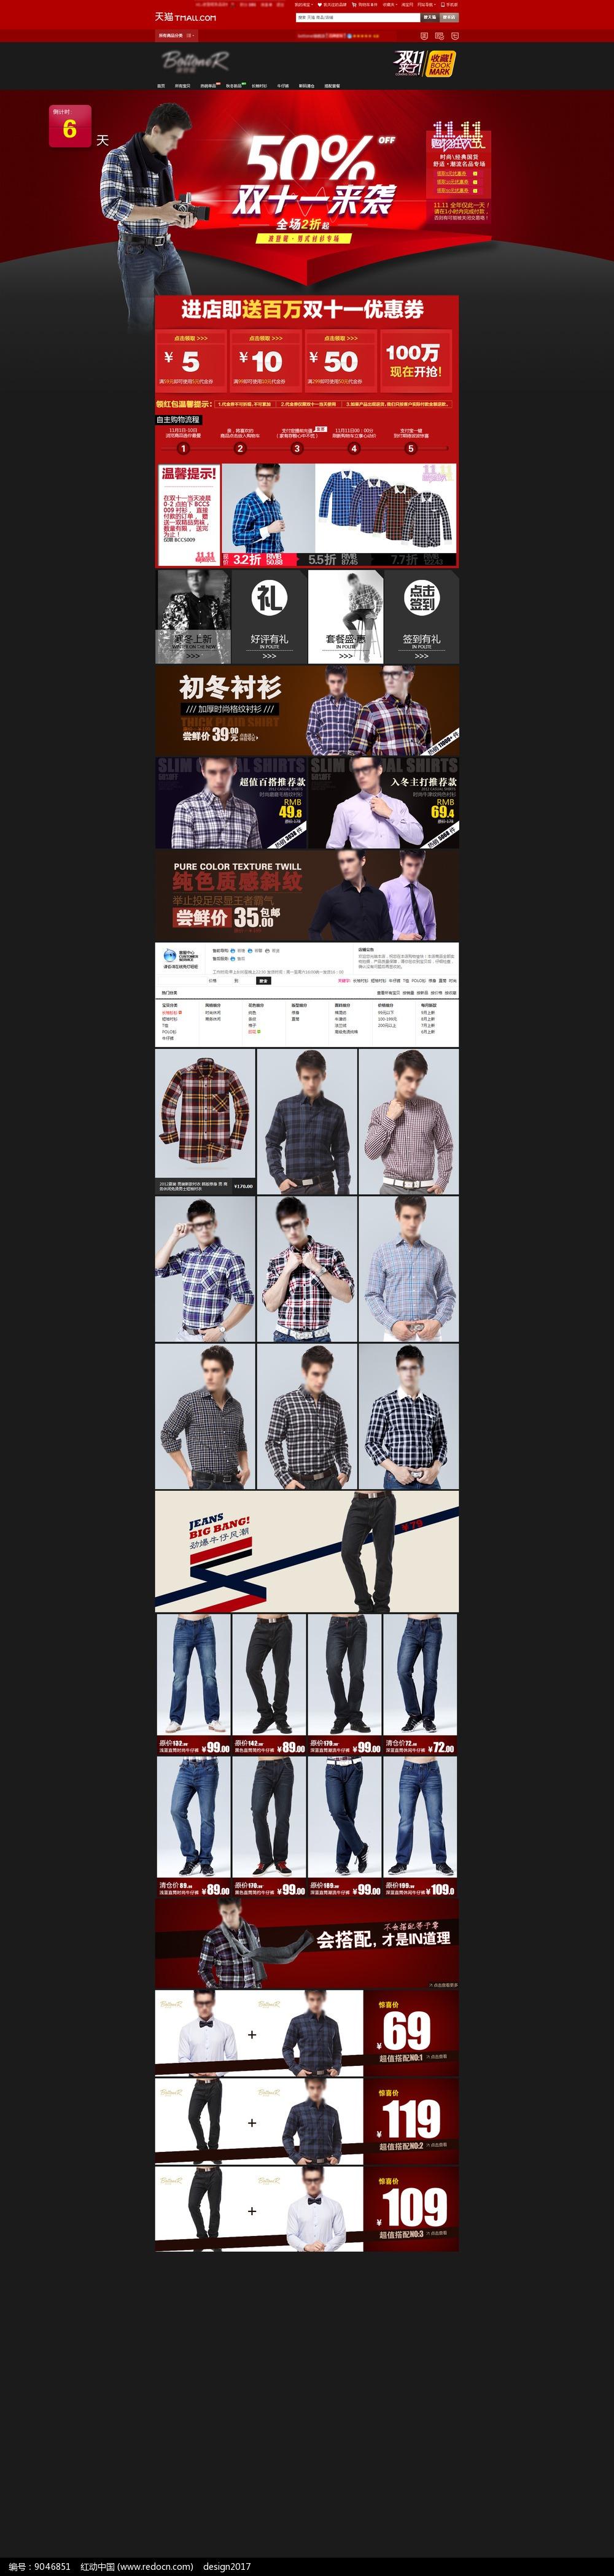 男装双十一促销网页PSD图片